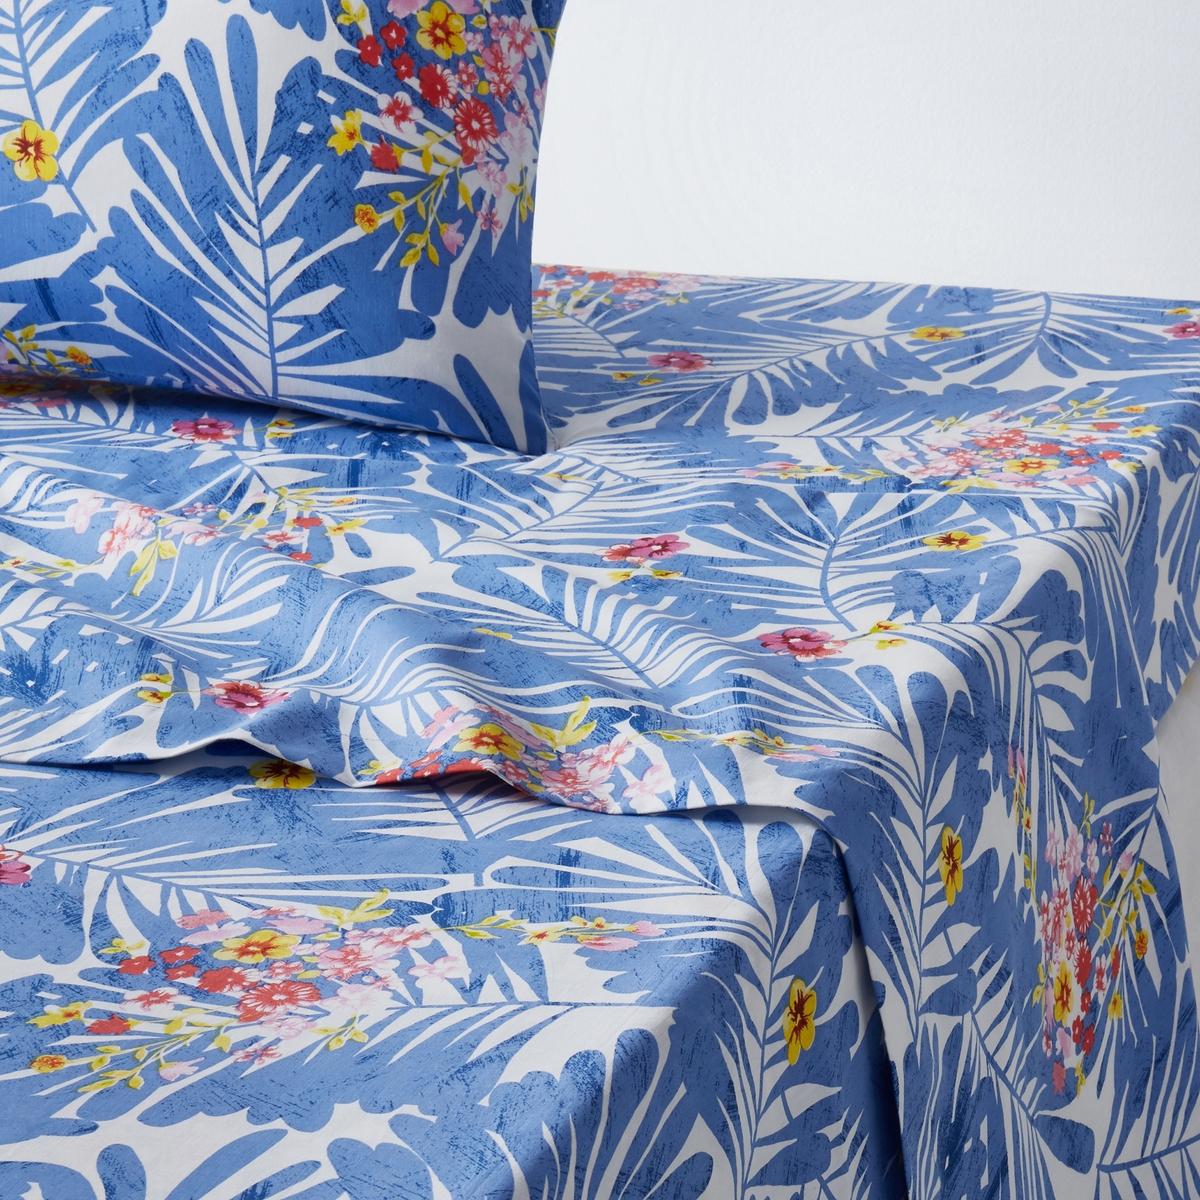 Простыня гладкая с рисунком, AlazeiaГладкая простыня с рисунком, Alazeia, La Redoute Int?rieurs.Рисунок в виде тропических цветов и листьев: очень актуальный рисунок создаст теплую атмосферу. Характеристики простыни:100% хлопка (57 нитей/см?).Чем больше нитей/см2, тем выше качество ткани.Машинная стирка при 60 °С.Размеры: 180 x 290 см : 1-сп.240 х 290 см : 2-сп.270 x 290 см : 2-сп.Знак Oeko-Tex® гарантирует, что товары прошли проверку и были изготовлены без применения вредных для здоровья человека веществ.Уход :Следуйте рекомендациям по уходу, указанным на этикетке изделия.<br><br>Цвет: рисунок синий/белый